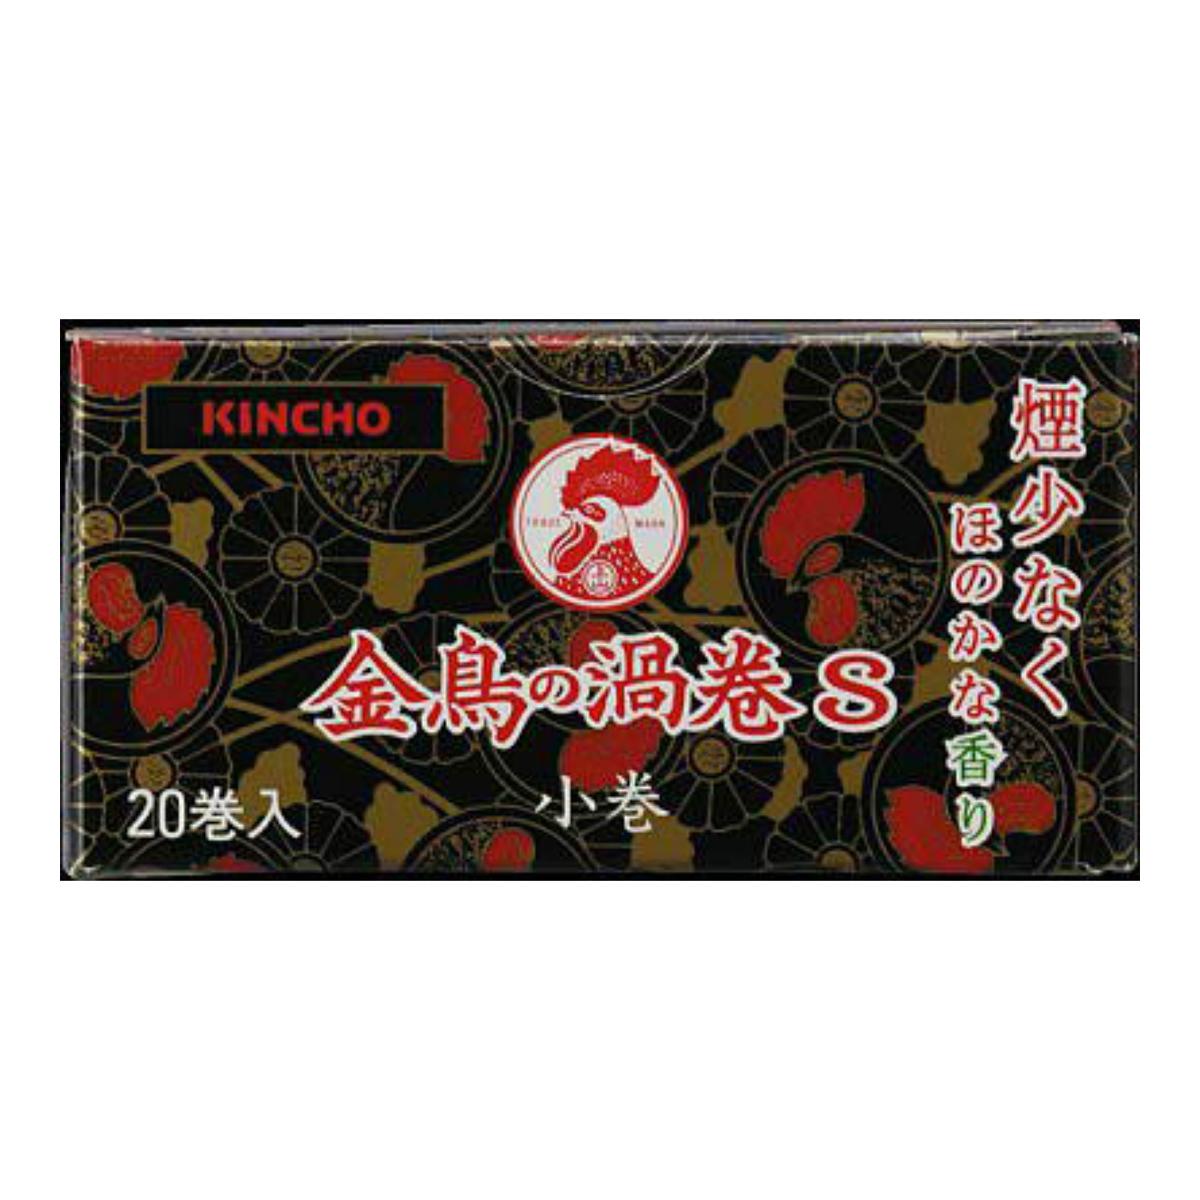 【送料無料】大日本除虫菊 金鳥の渦巻S 小巻 20巻×60点セット まとめ買い特価!ケース販売 ( 4987115000520 )